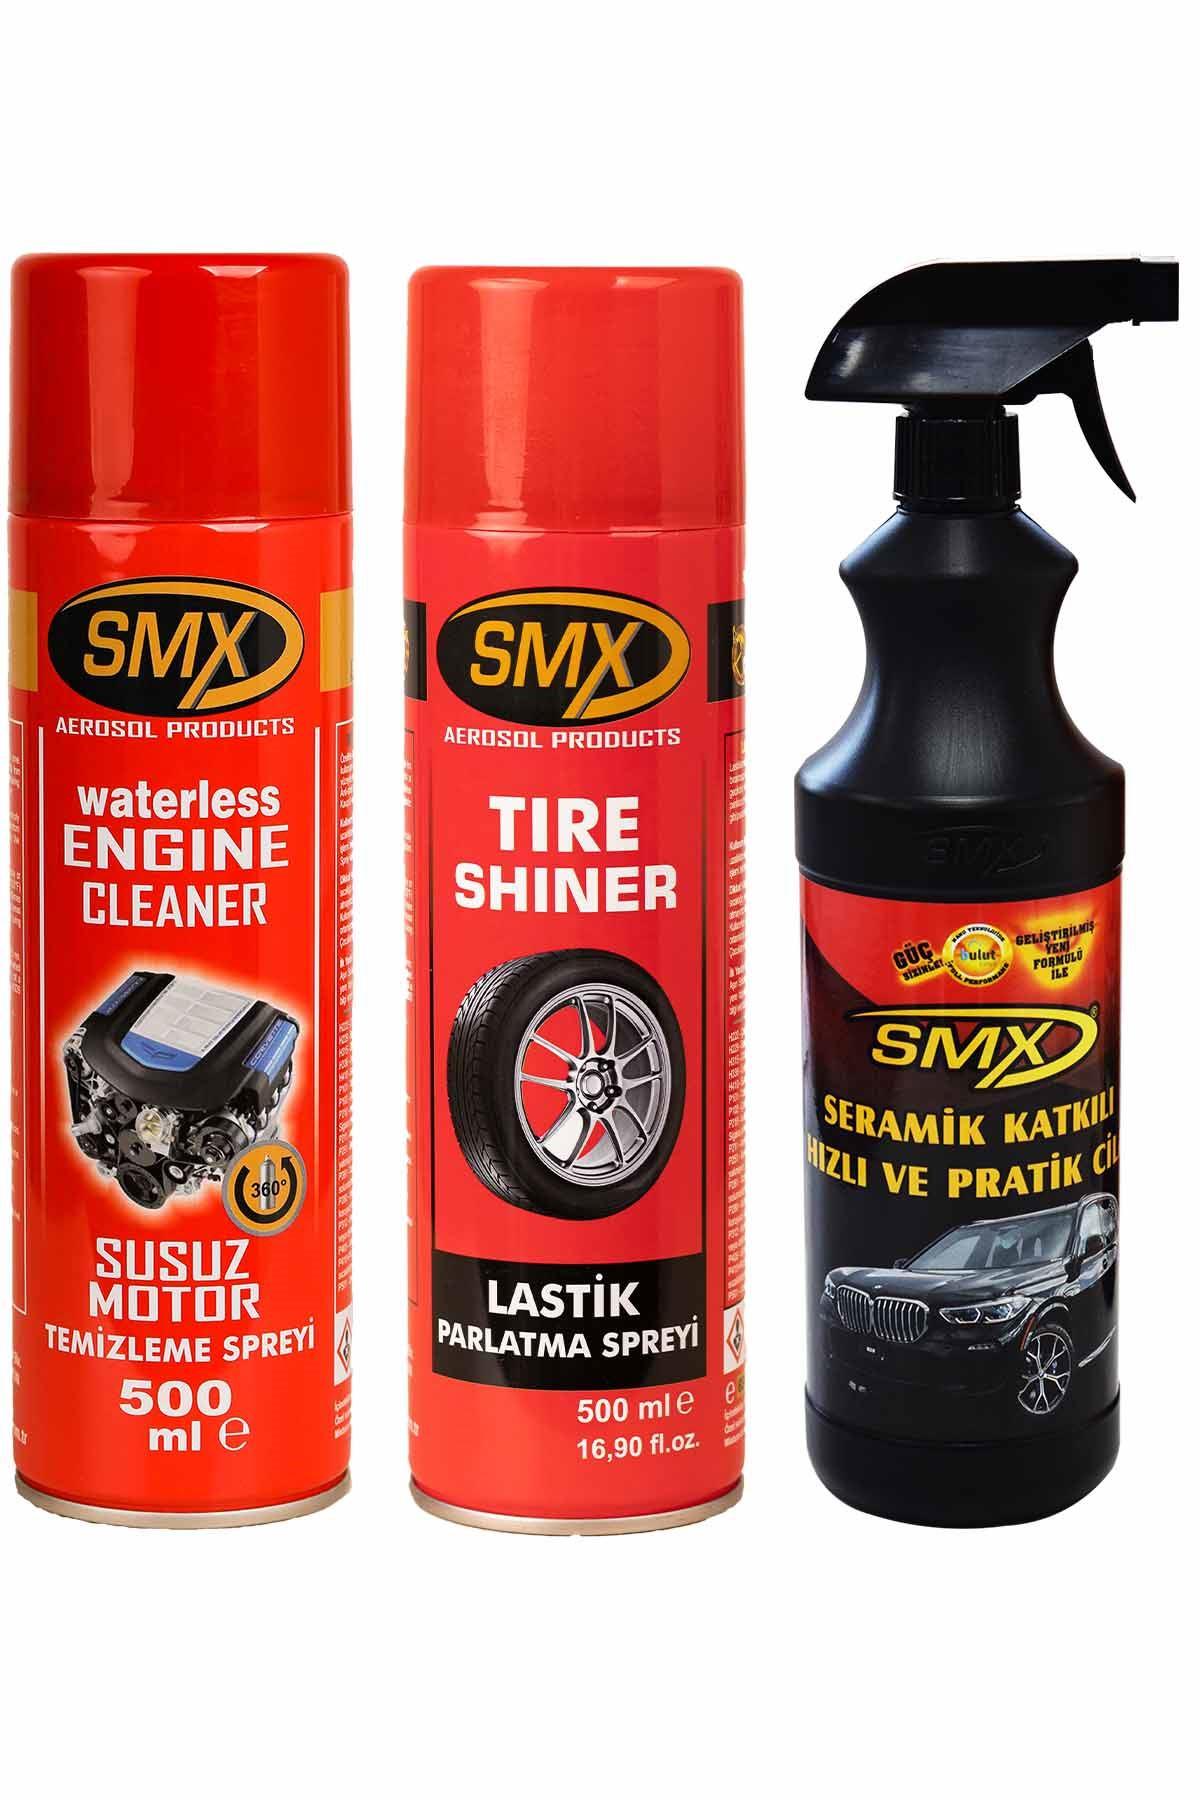 SMX Susuz Motor Temizleme Spreyi / Lastik Parlatıcı / Seramik Cila / Hızlı Cila / Pratik Cila